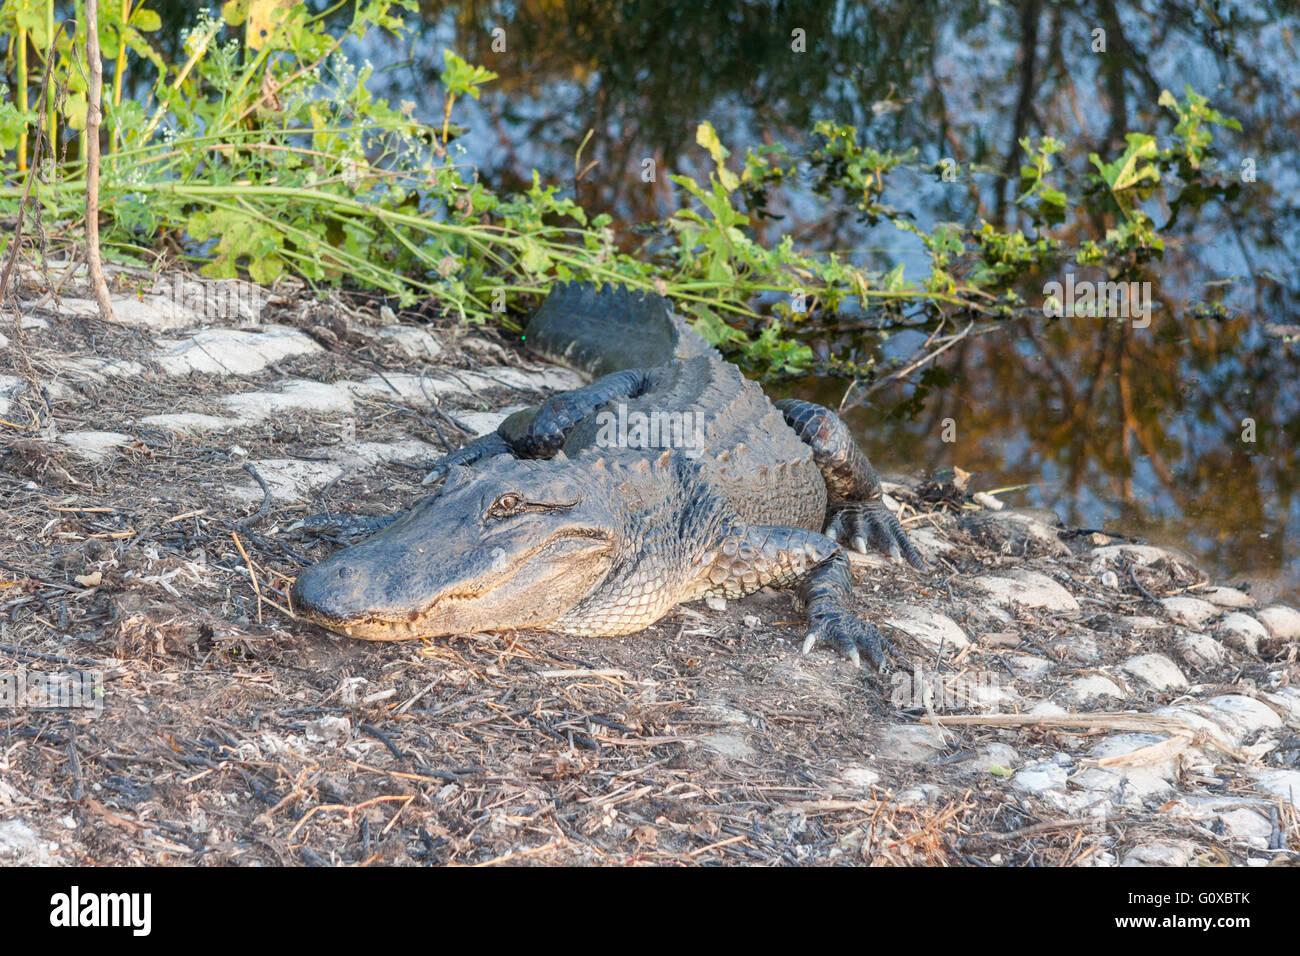 Alligator affamé attend les touristes insouciants dans Brazos Bend State Park près de Houston, Texas Banque D'Images